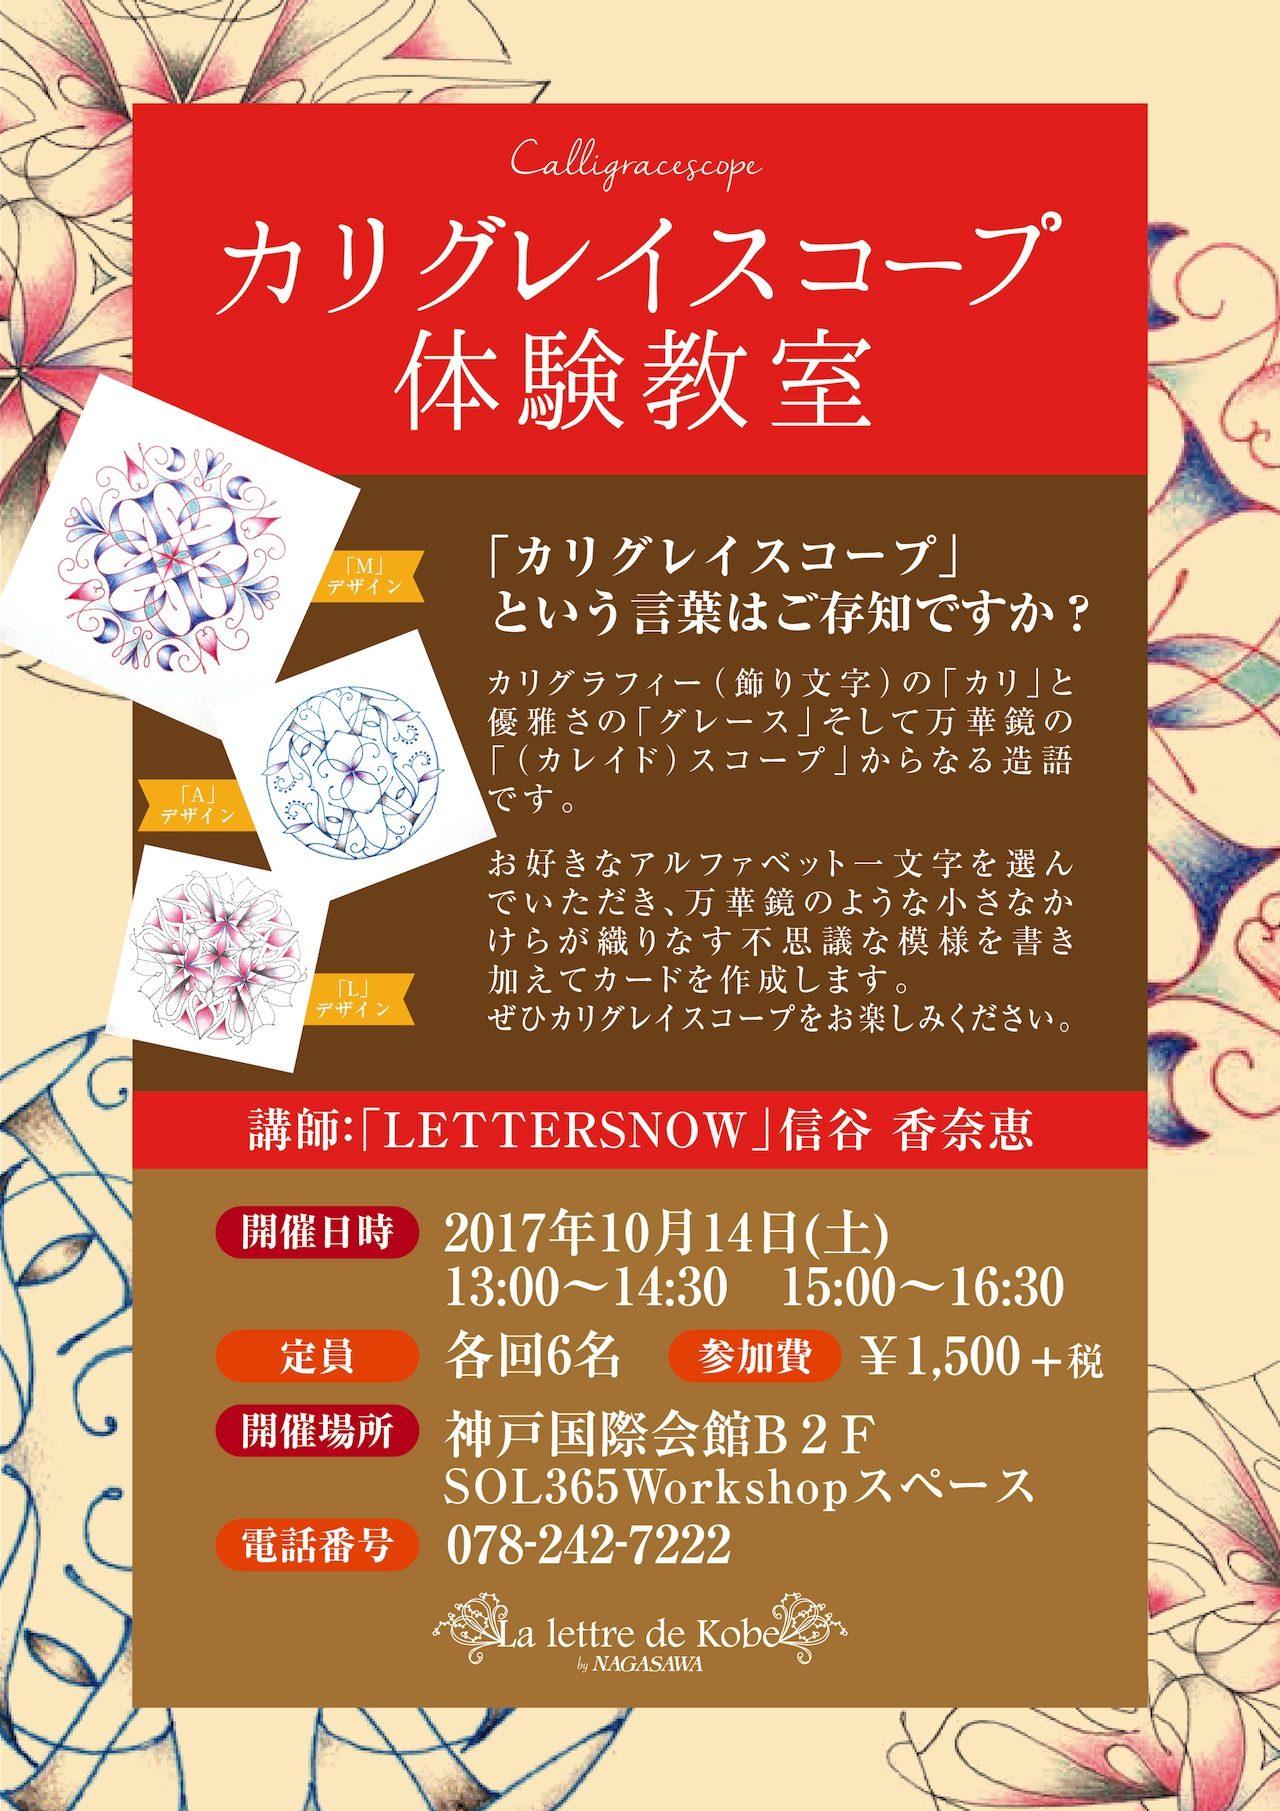 カリグレイスコープ体験教室@神戸国際会館B2F SOL365workshopスペース